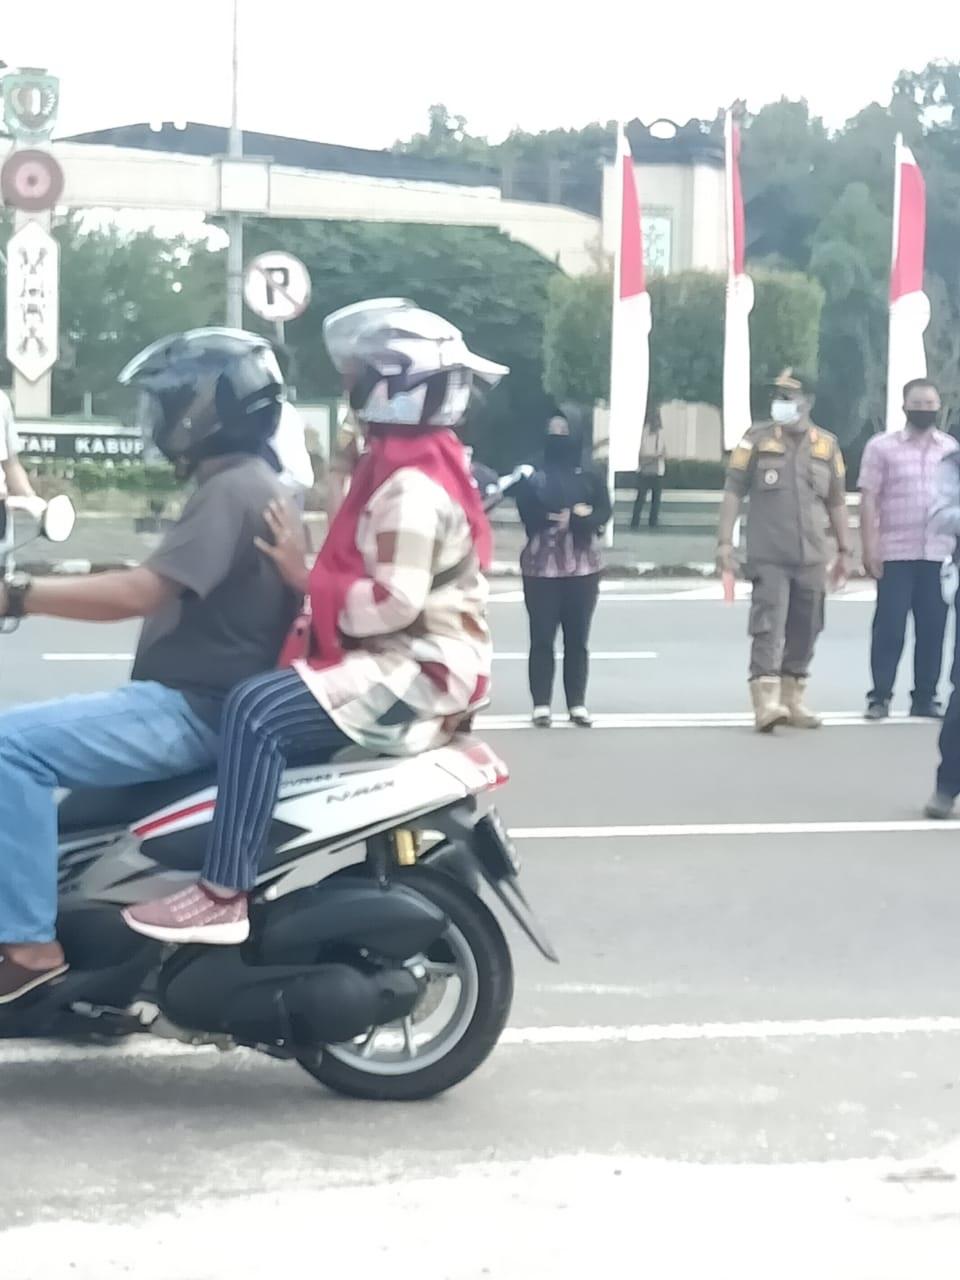 TNI, POLRI DAN SATPOL PP HADANG PENGENDARA, ADA APA? 2